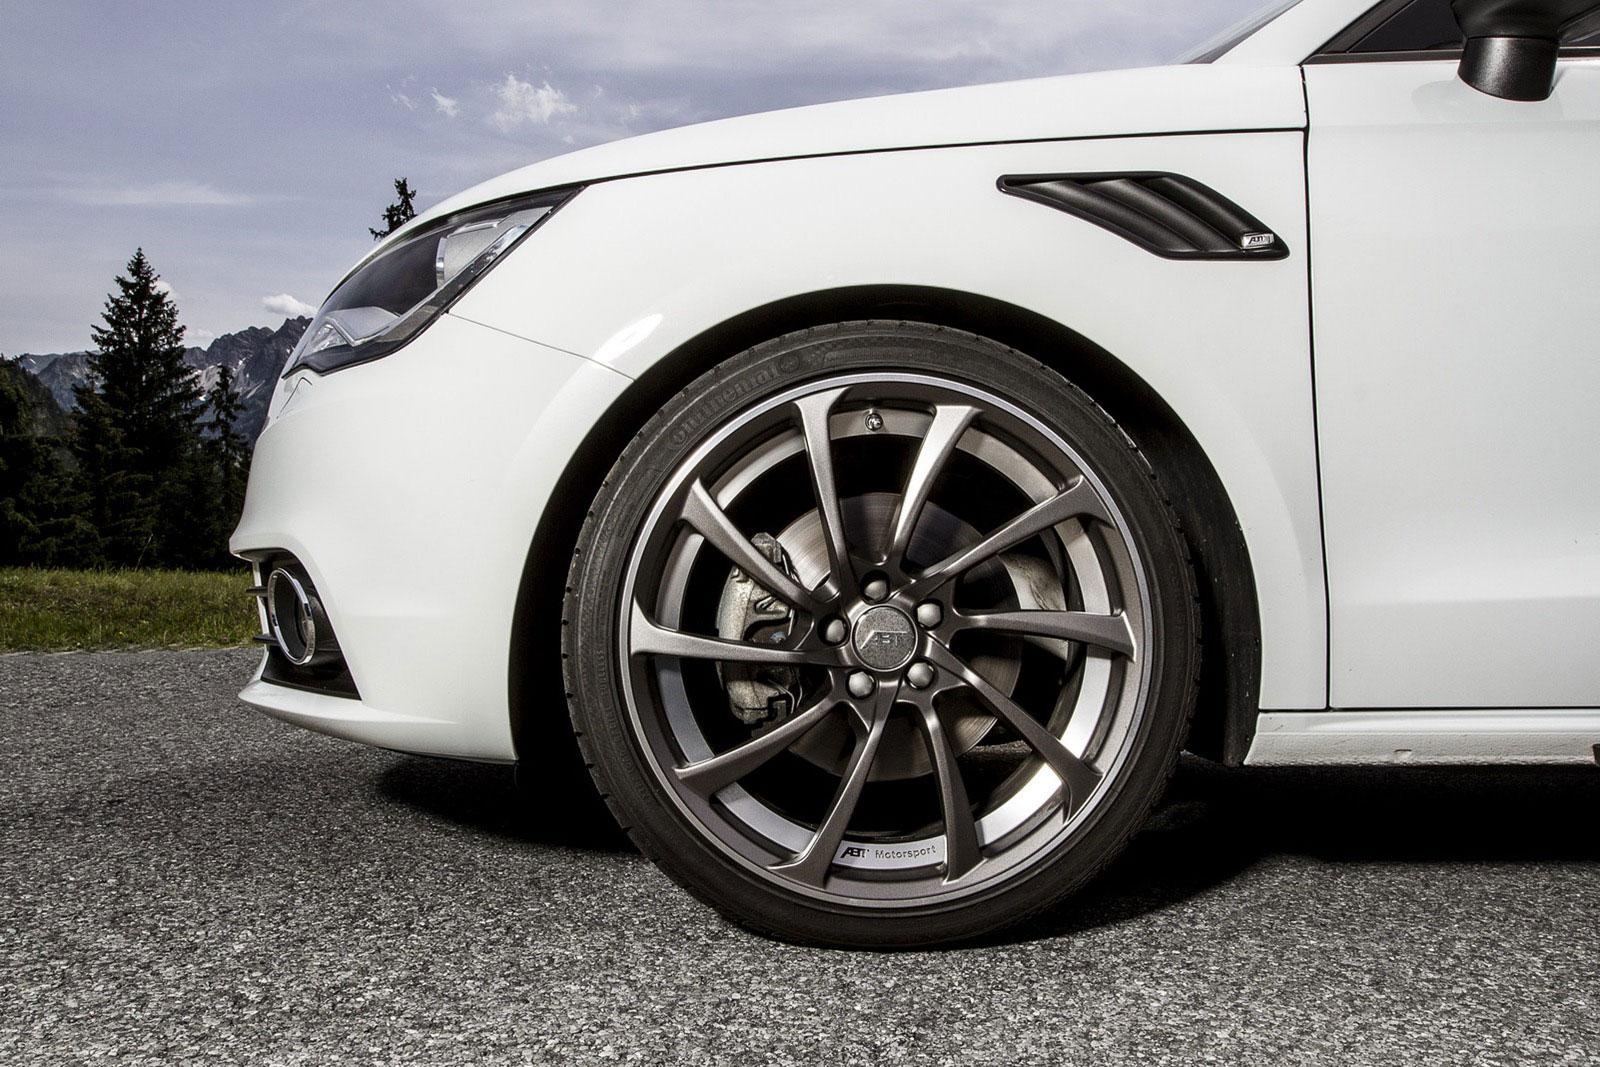 Audi A1 Sportback prodělalo pár vylepšení od ABT Sportsline 6